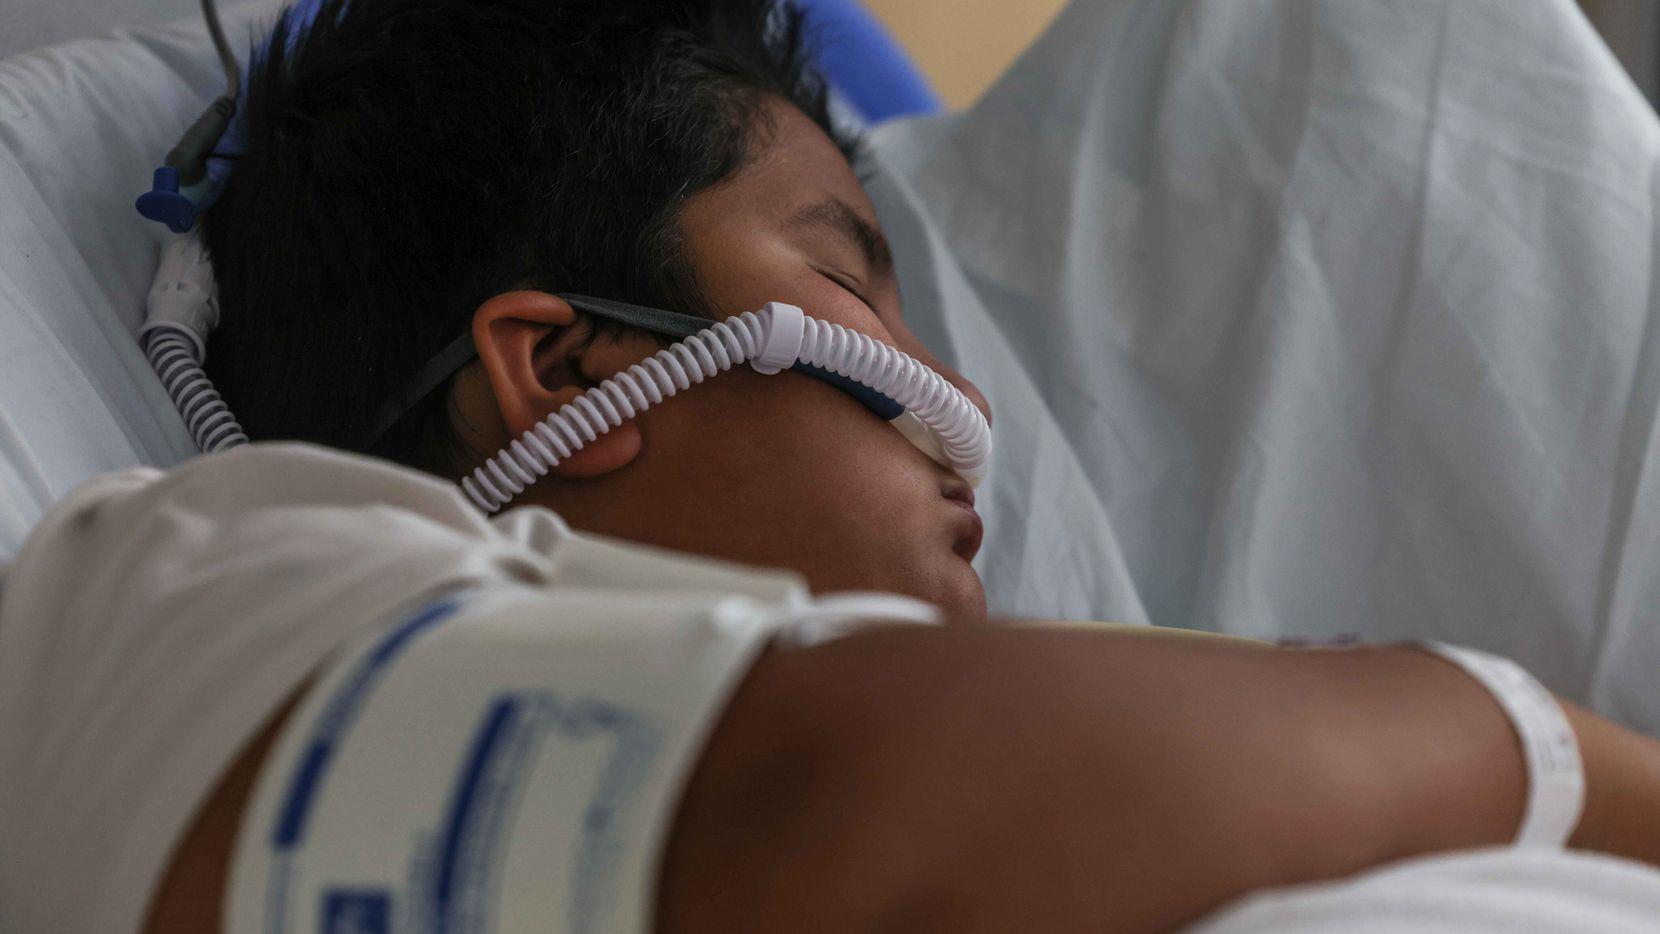 Las autoridades médicas de Cooks Children's Hospital hicieron un llamado a tomar precauciones este próximo feriado de Labor Day. Las hospitalizaciones de niños por covid-19 han aumentado en las últimas semanas en el Norte de Texas.